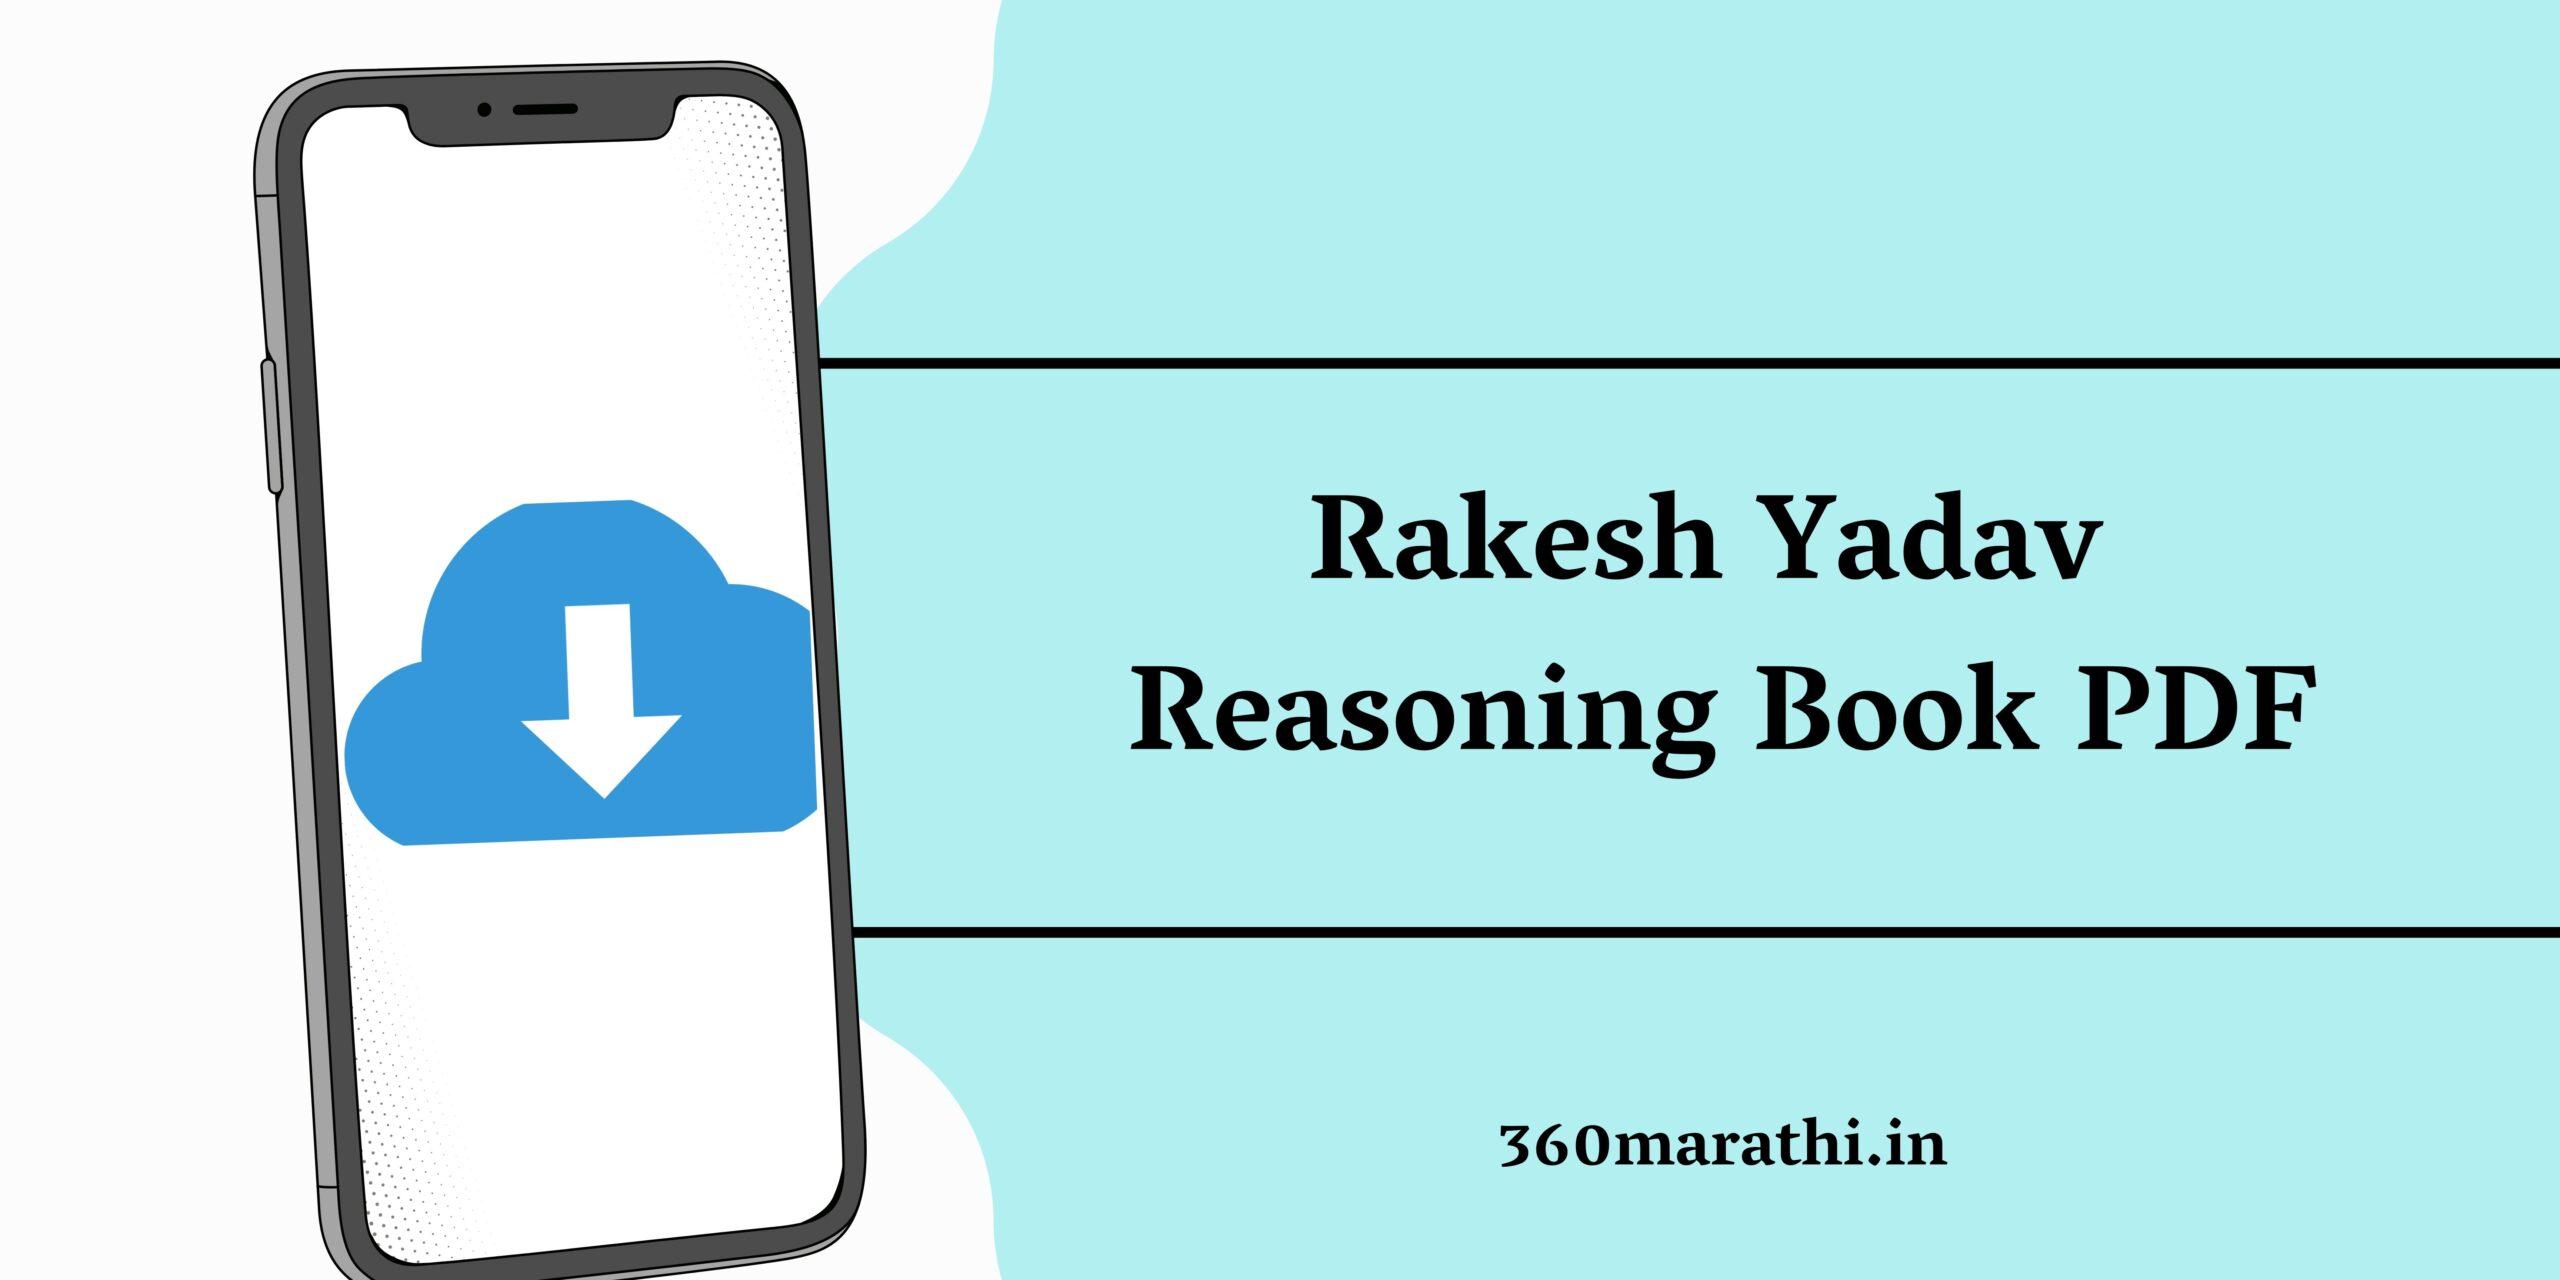 [ Free ] Rakesh Yadav Reasoning Book PDF